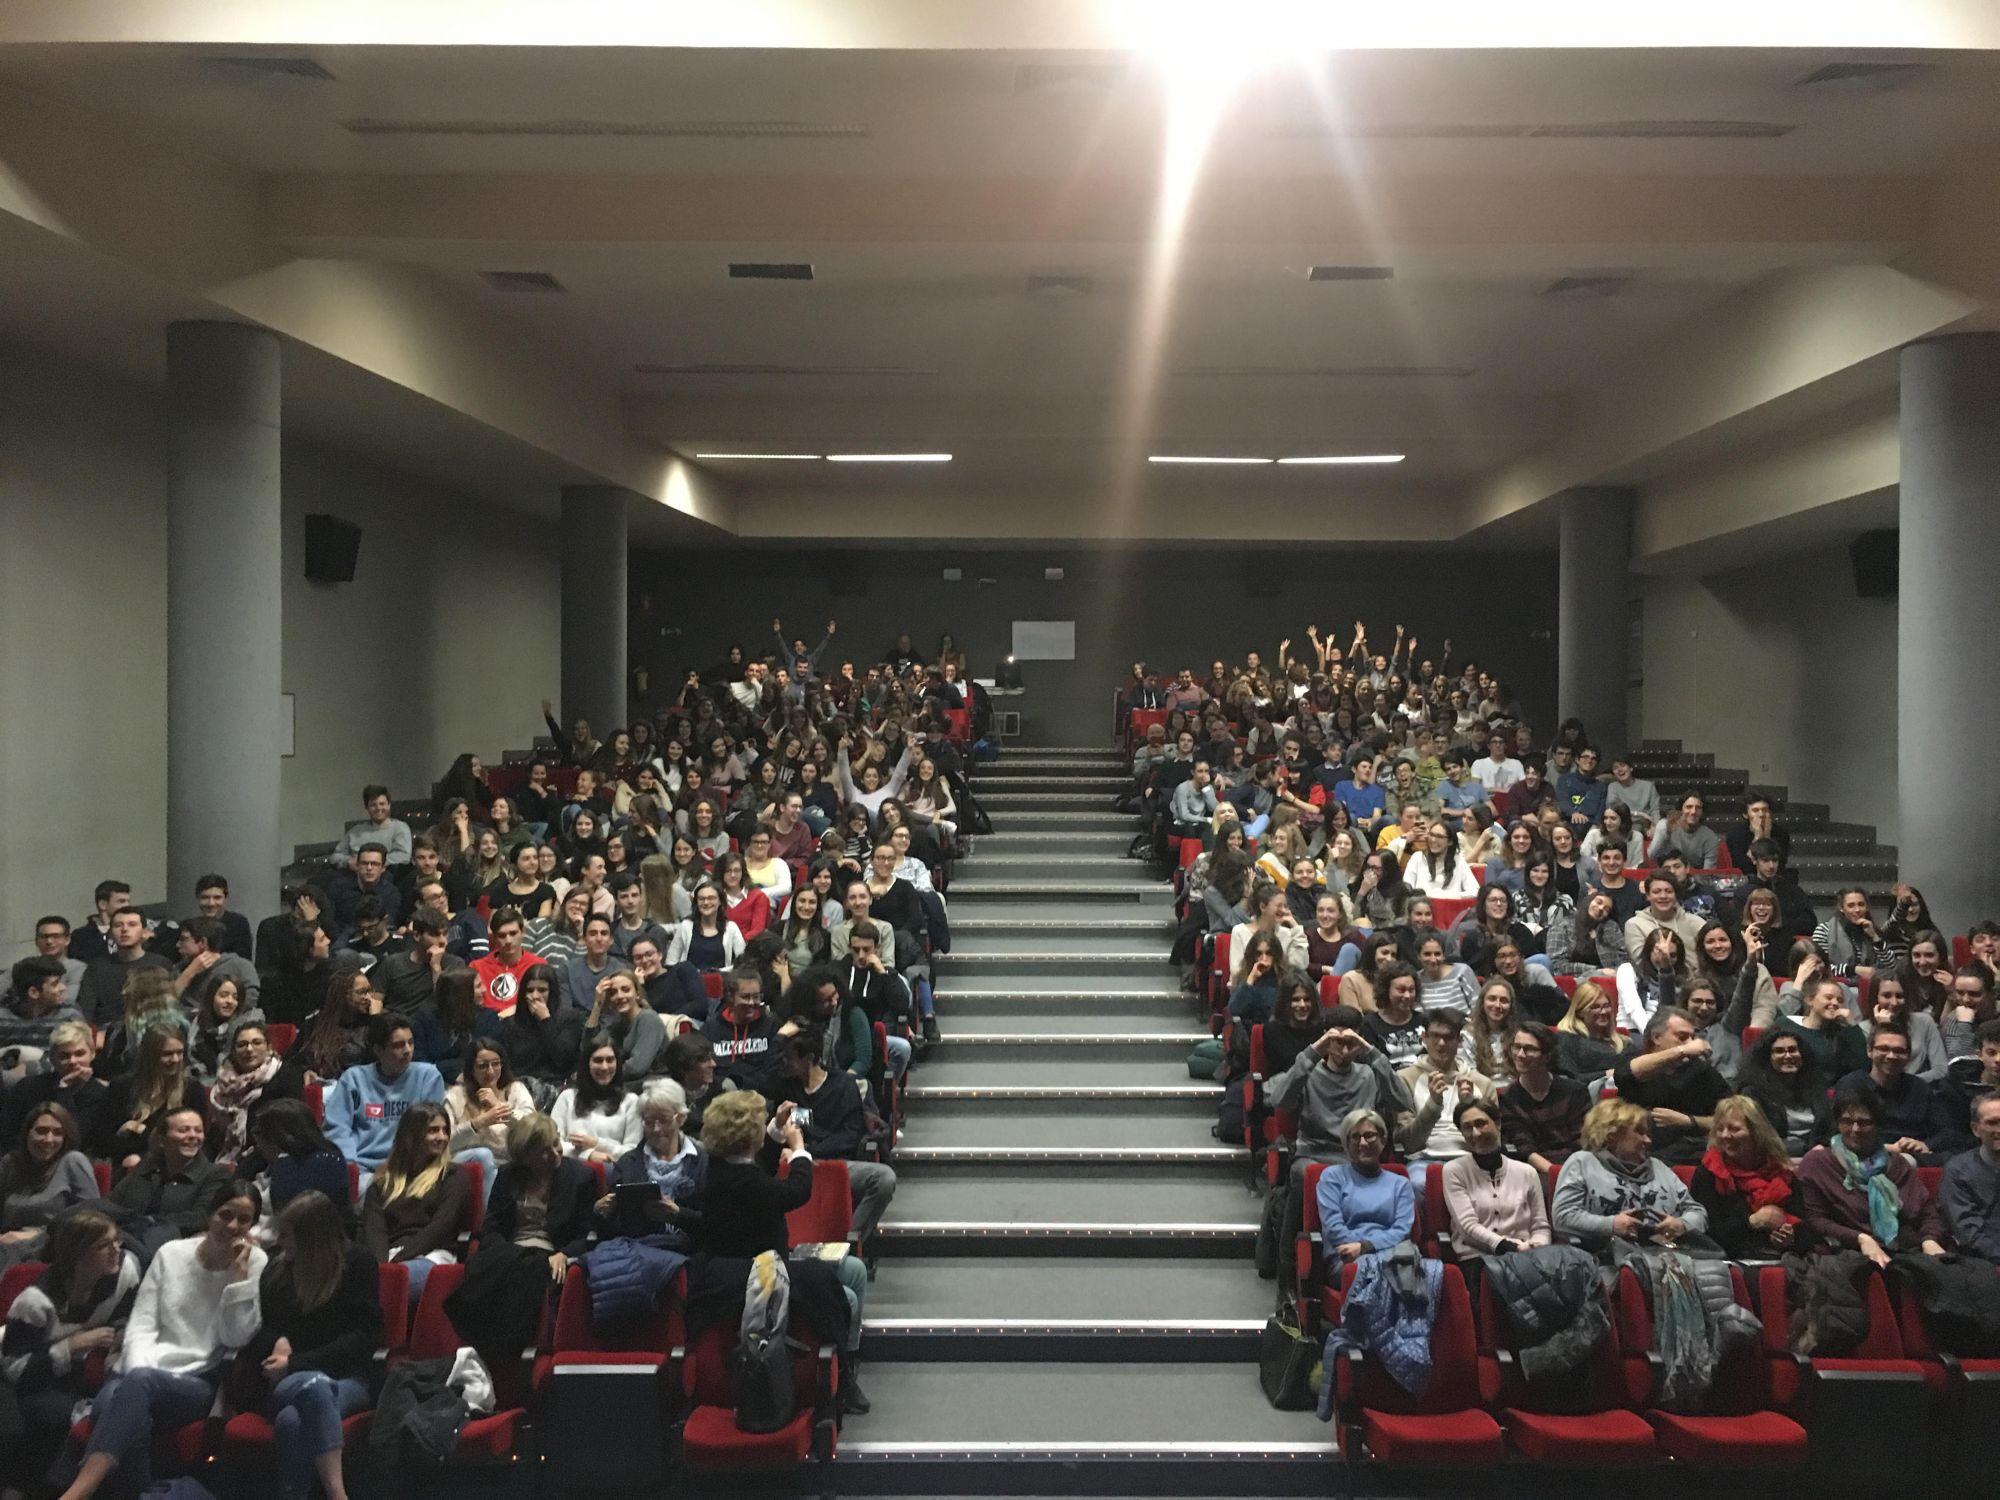 Il mio giro nelle aule magne dei licei italiani a parlare di fisica e donne della scienza è finito (per il momento)…è stato bello, che forza i nostri ragazzi!